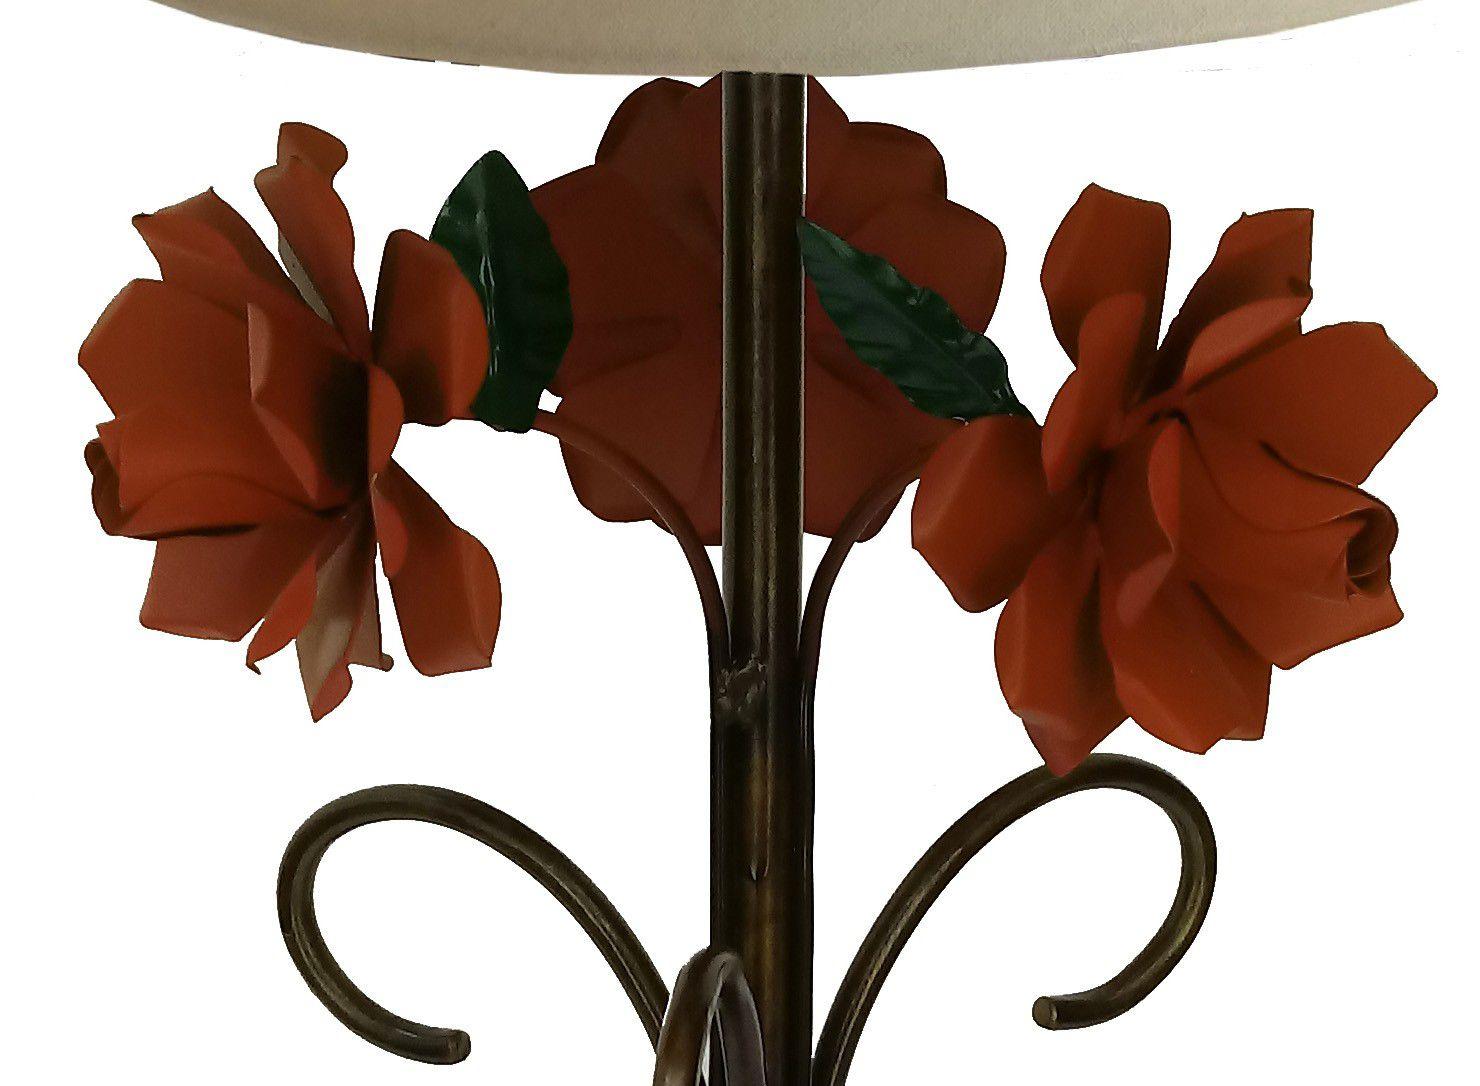 Abajur Rustico de Ferro Quarto e Sala com Flores Artesanal Fabricante